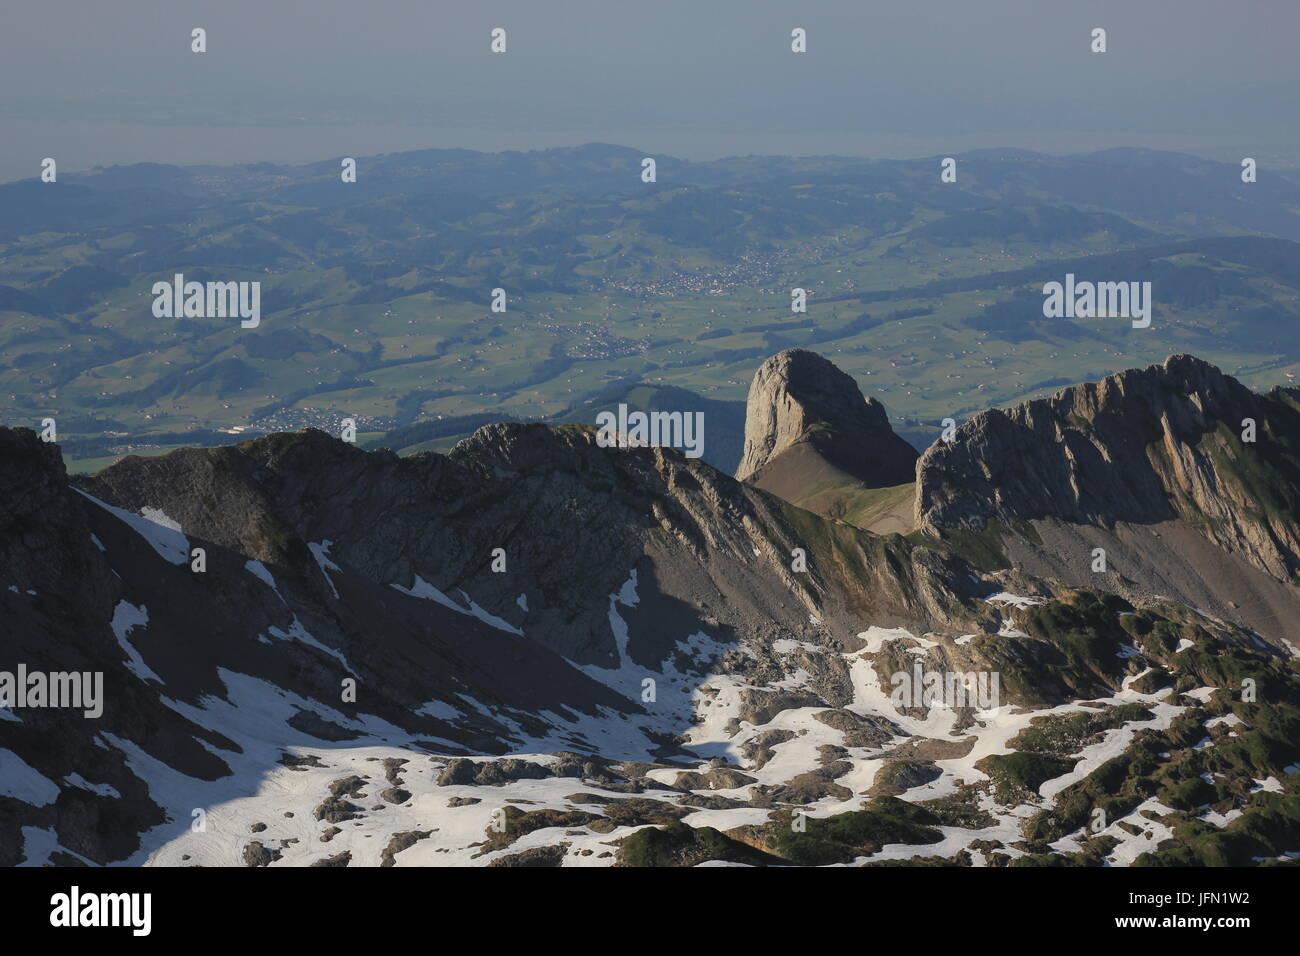 Felsen von Mount Santis, Kanton Appenzell gesehen. Stockbild